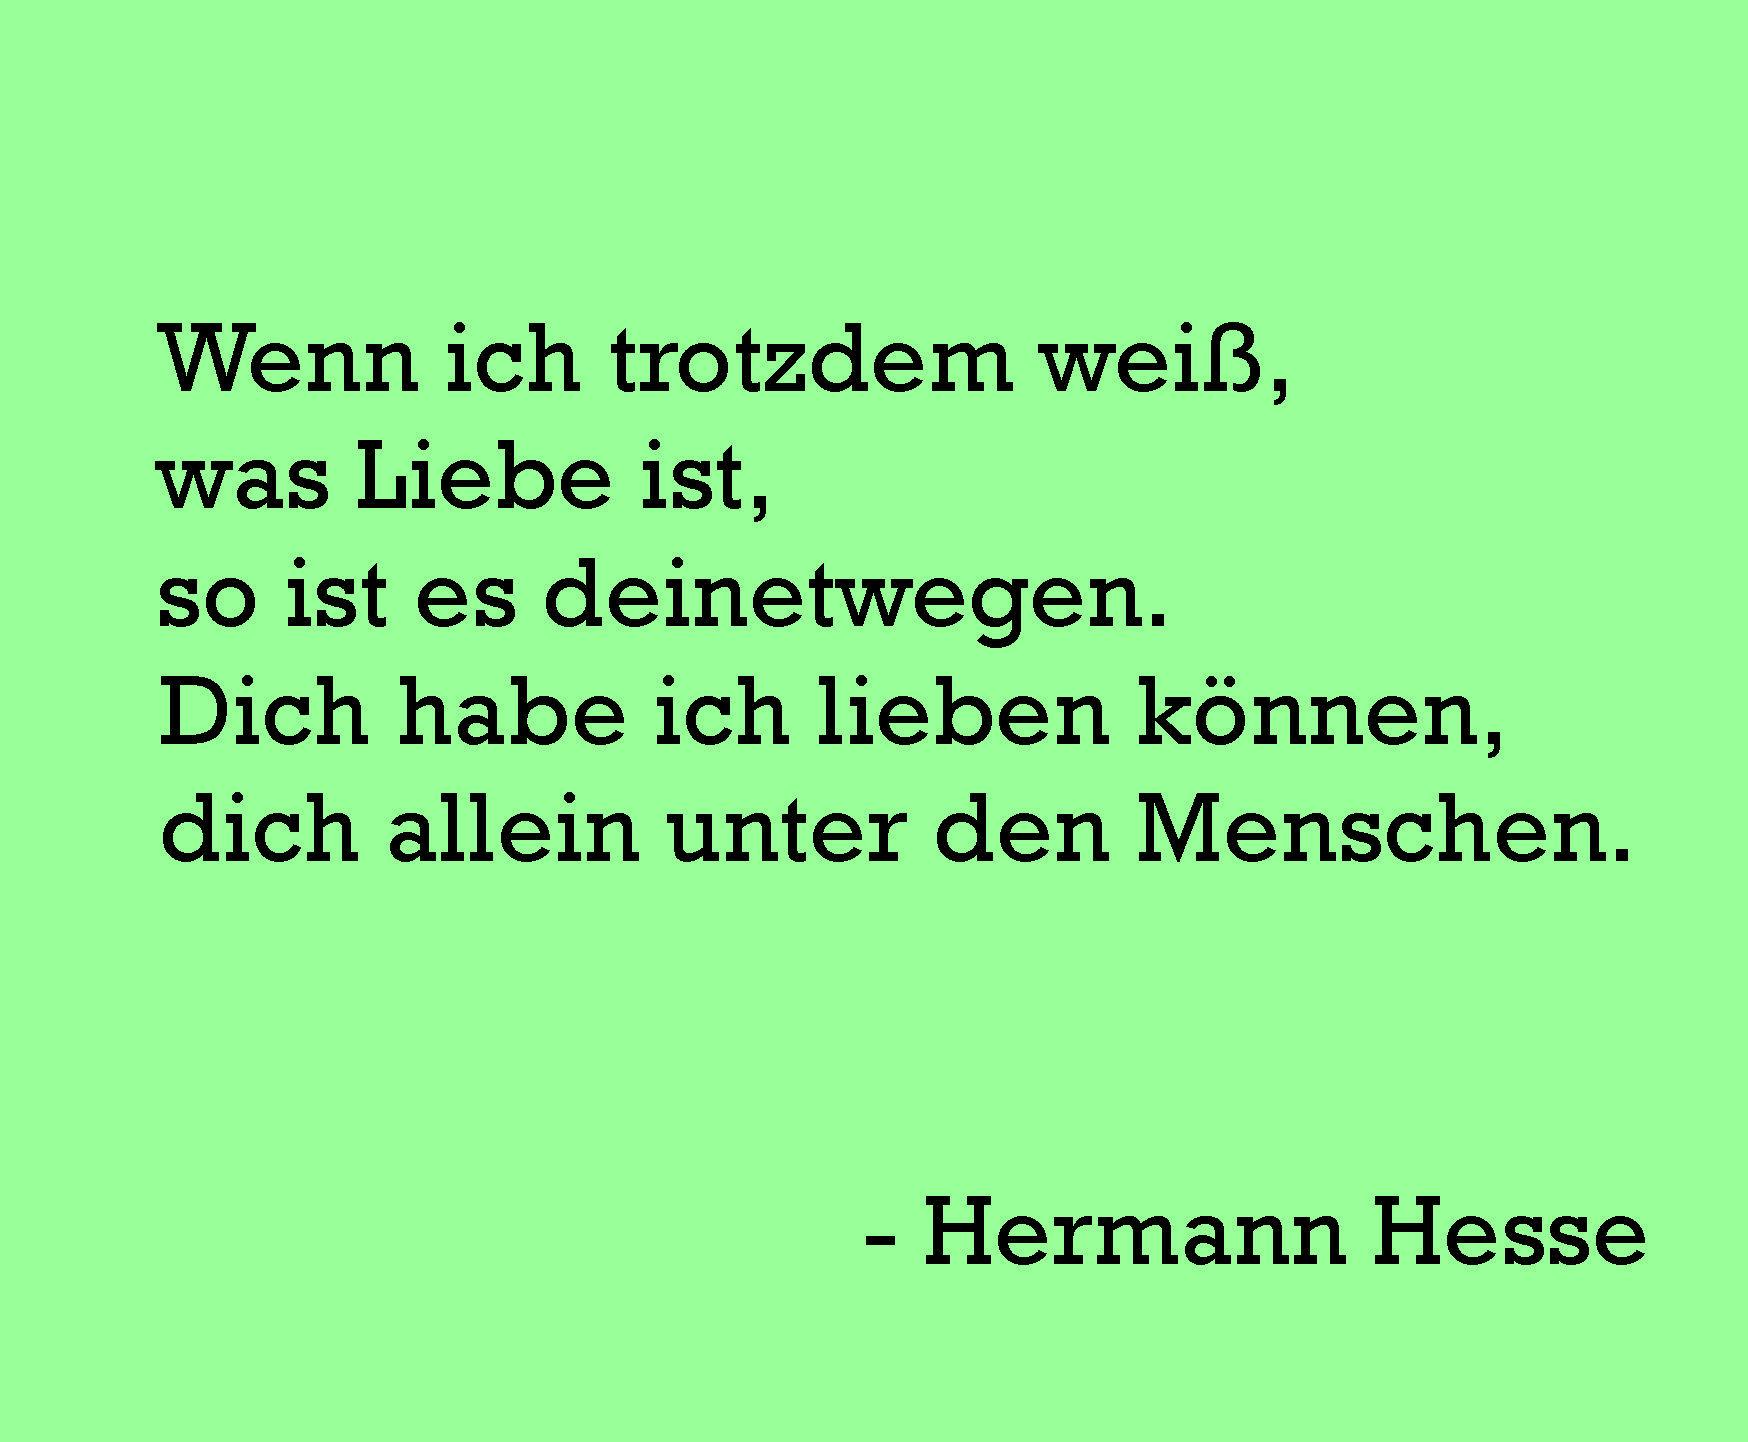 Hermann hesse gedicht liebe